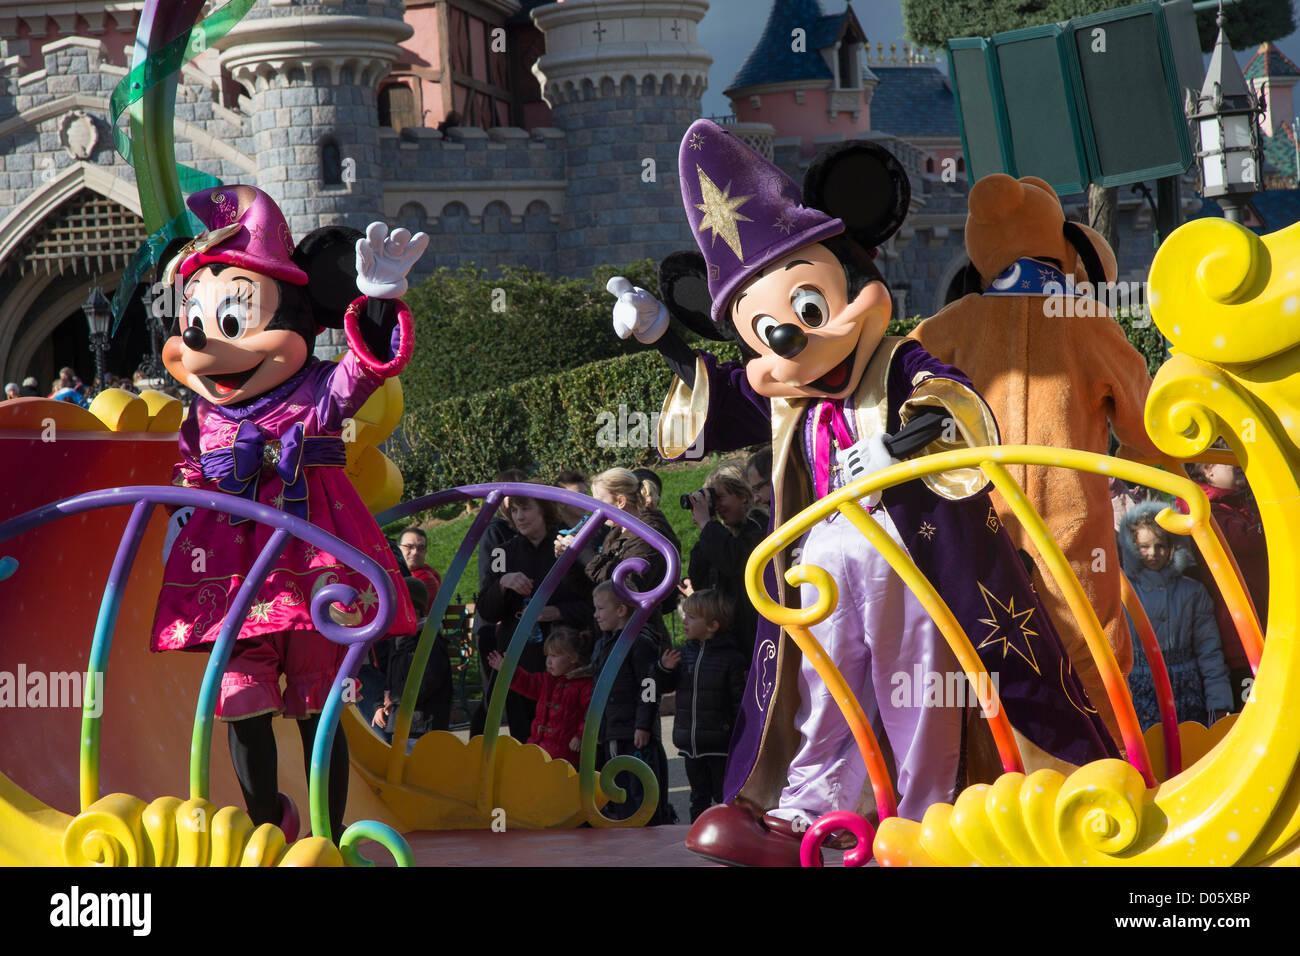 Disneyland desfile de Mickey y Minnie Mouse en un flotador, Disneyland Paris (Euro Disney) Imagen De Stock